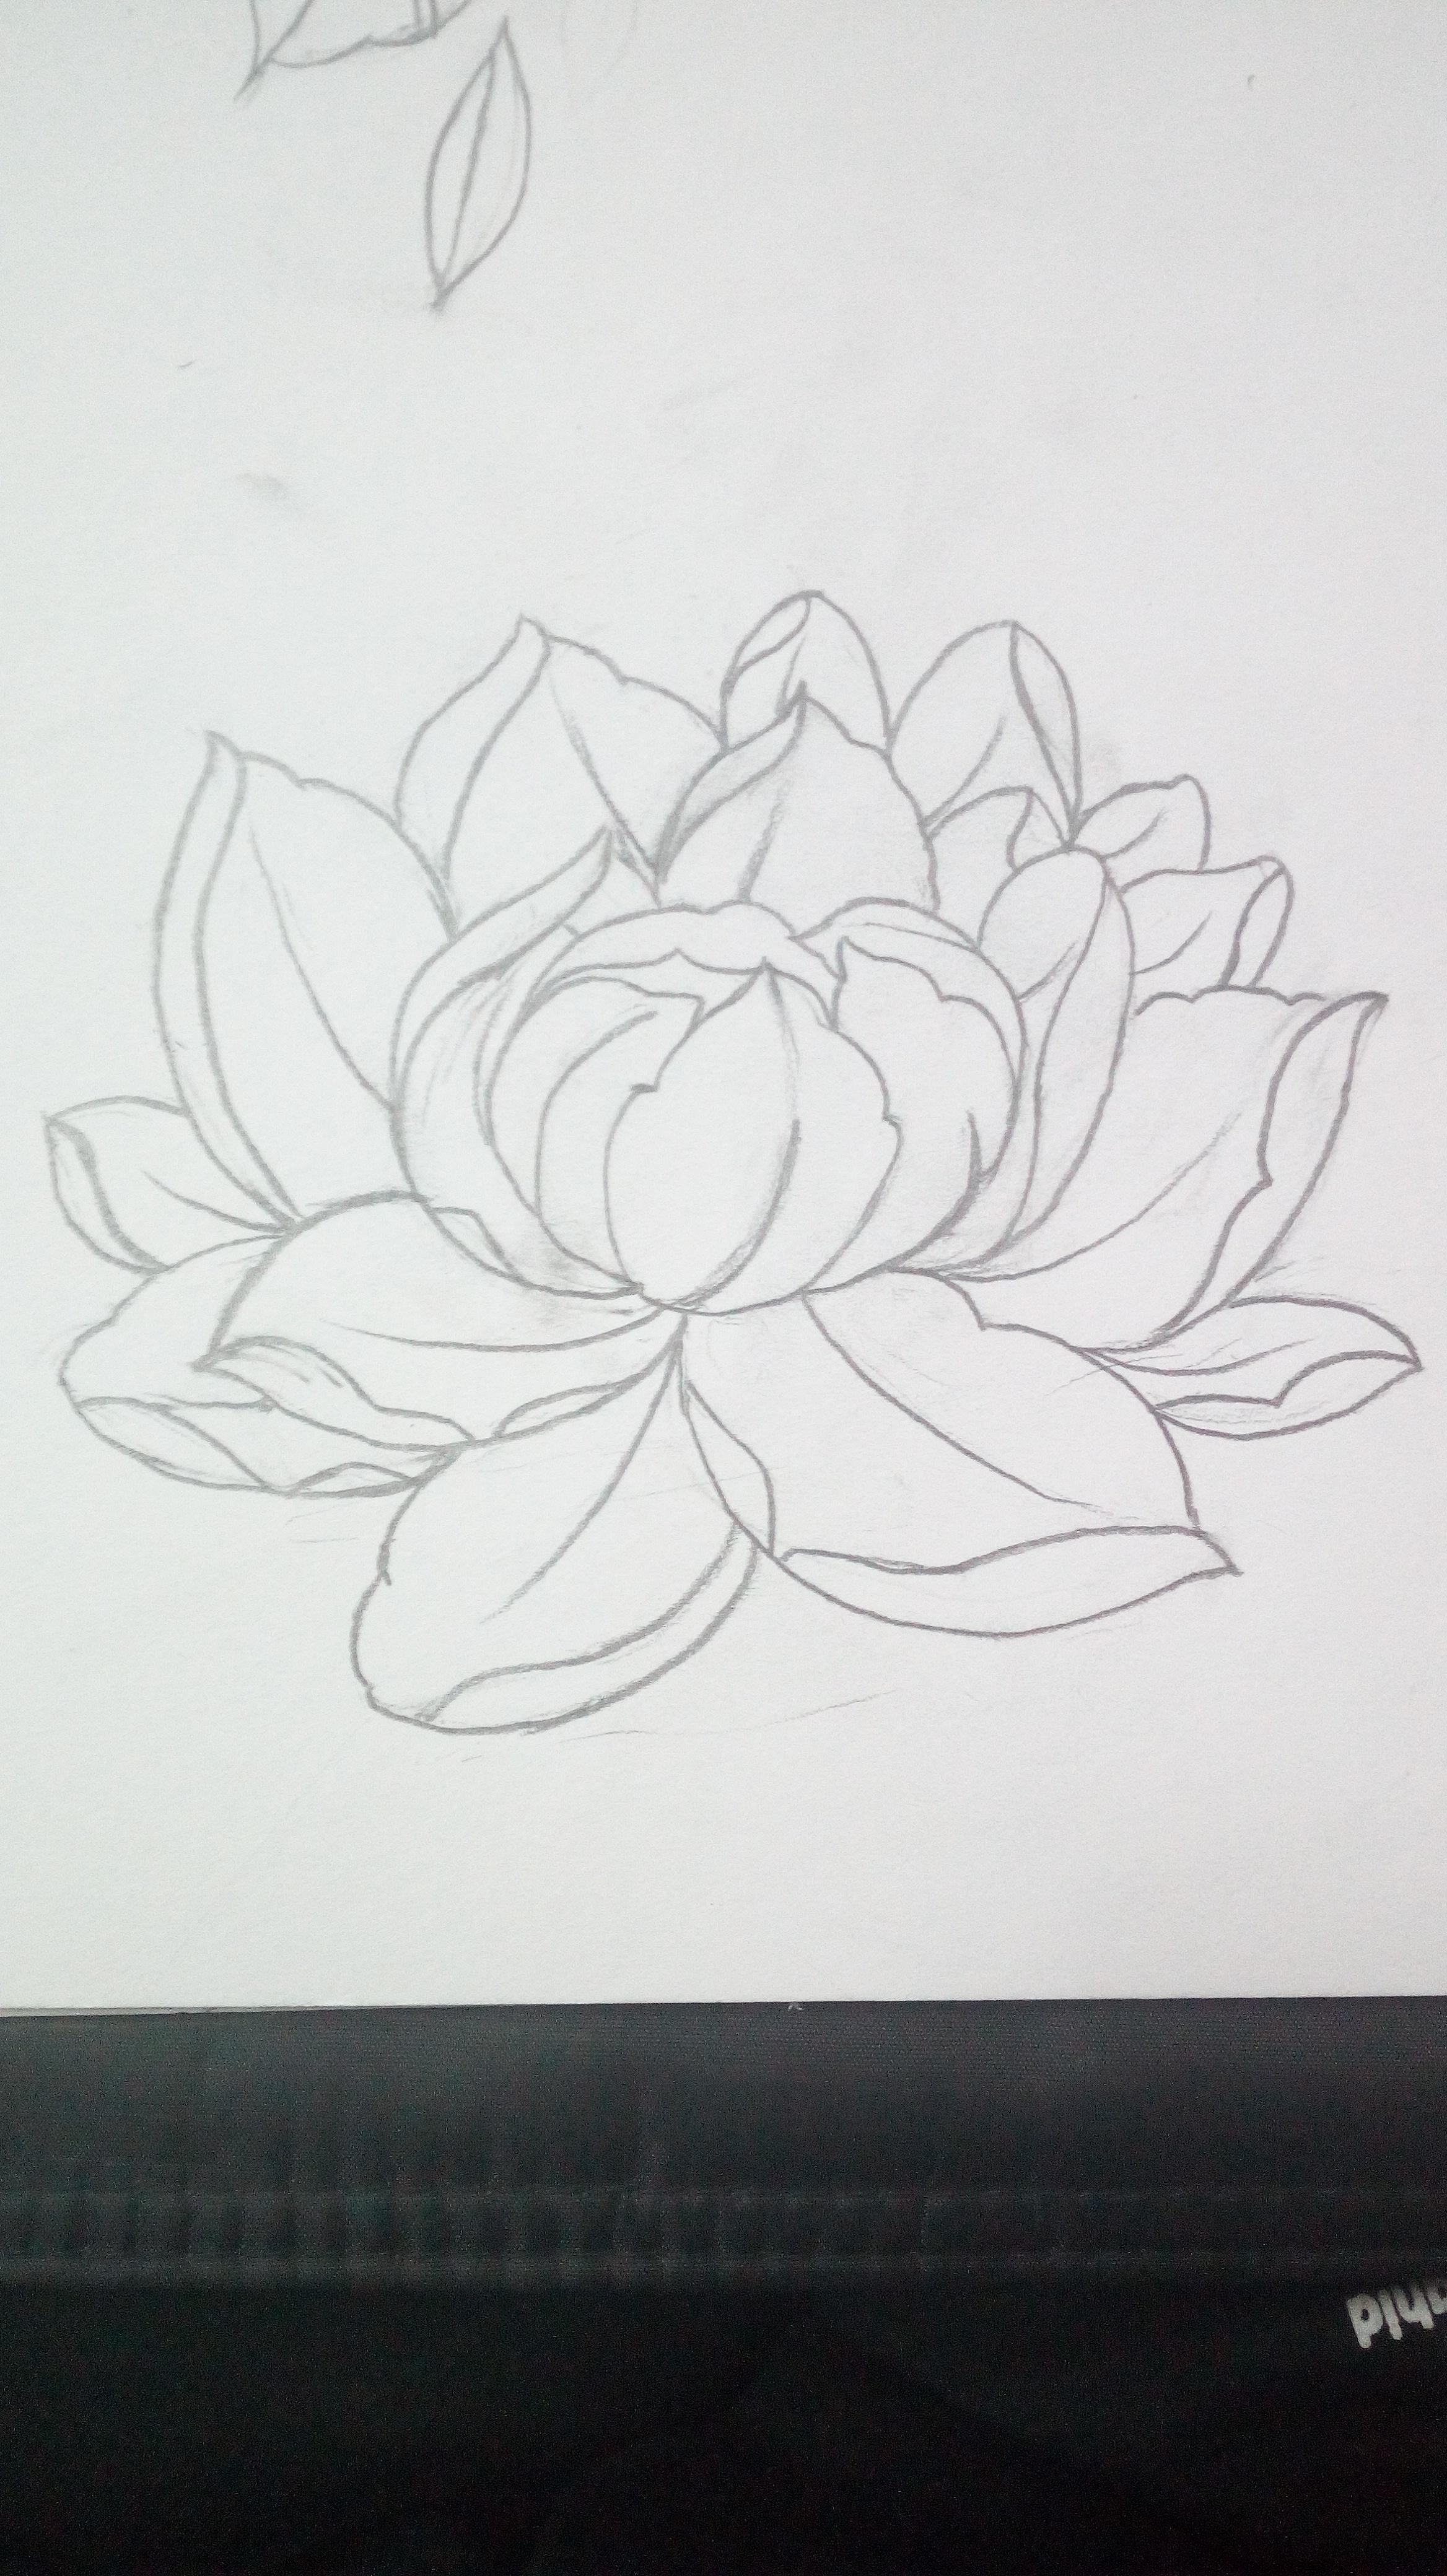 简笔画 手绘 素描 线稿 2336_4160 竖版 竖屏